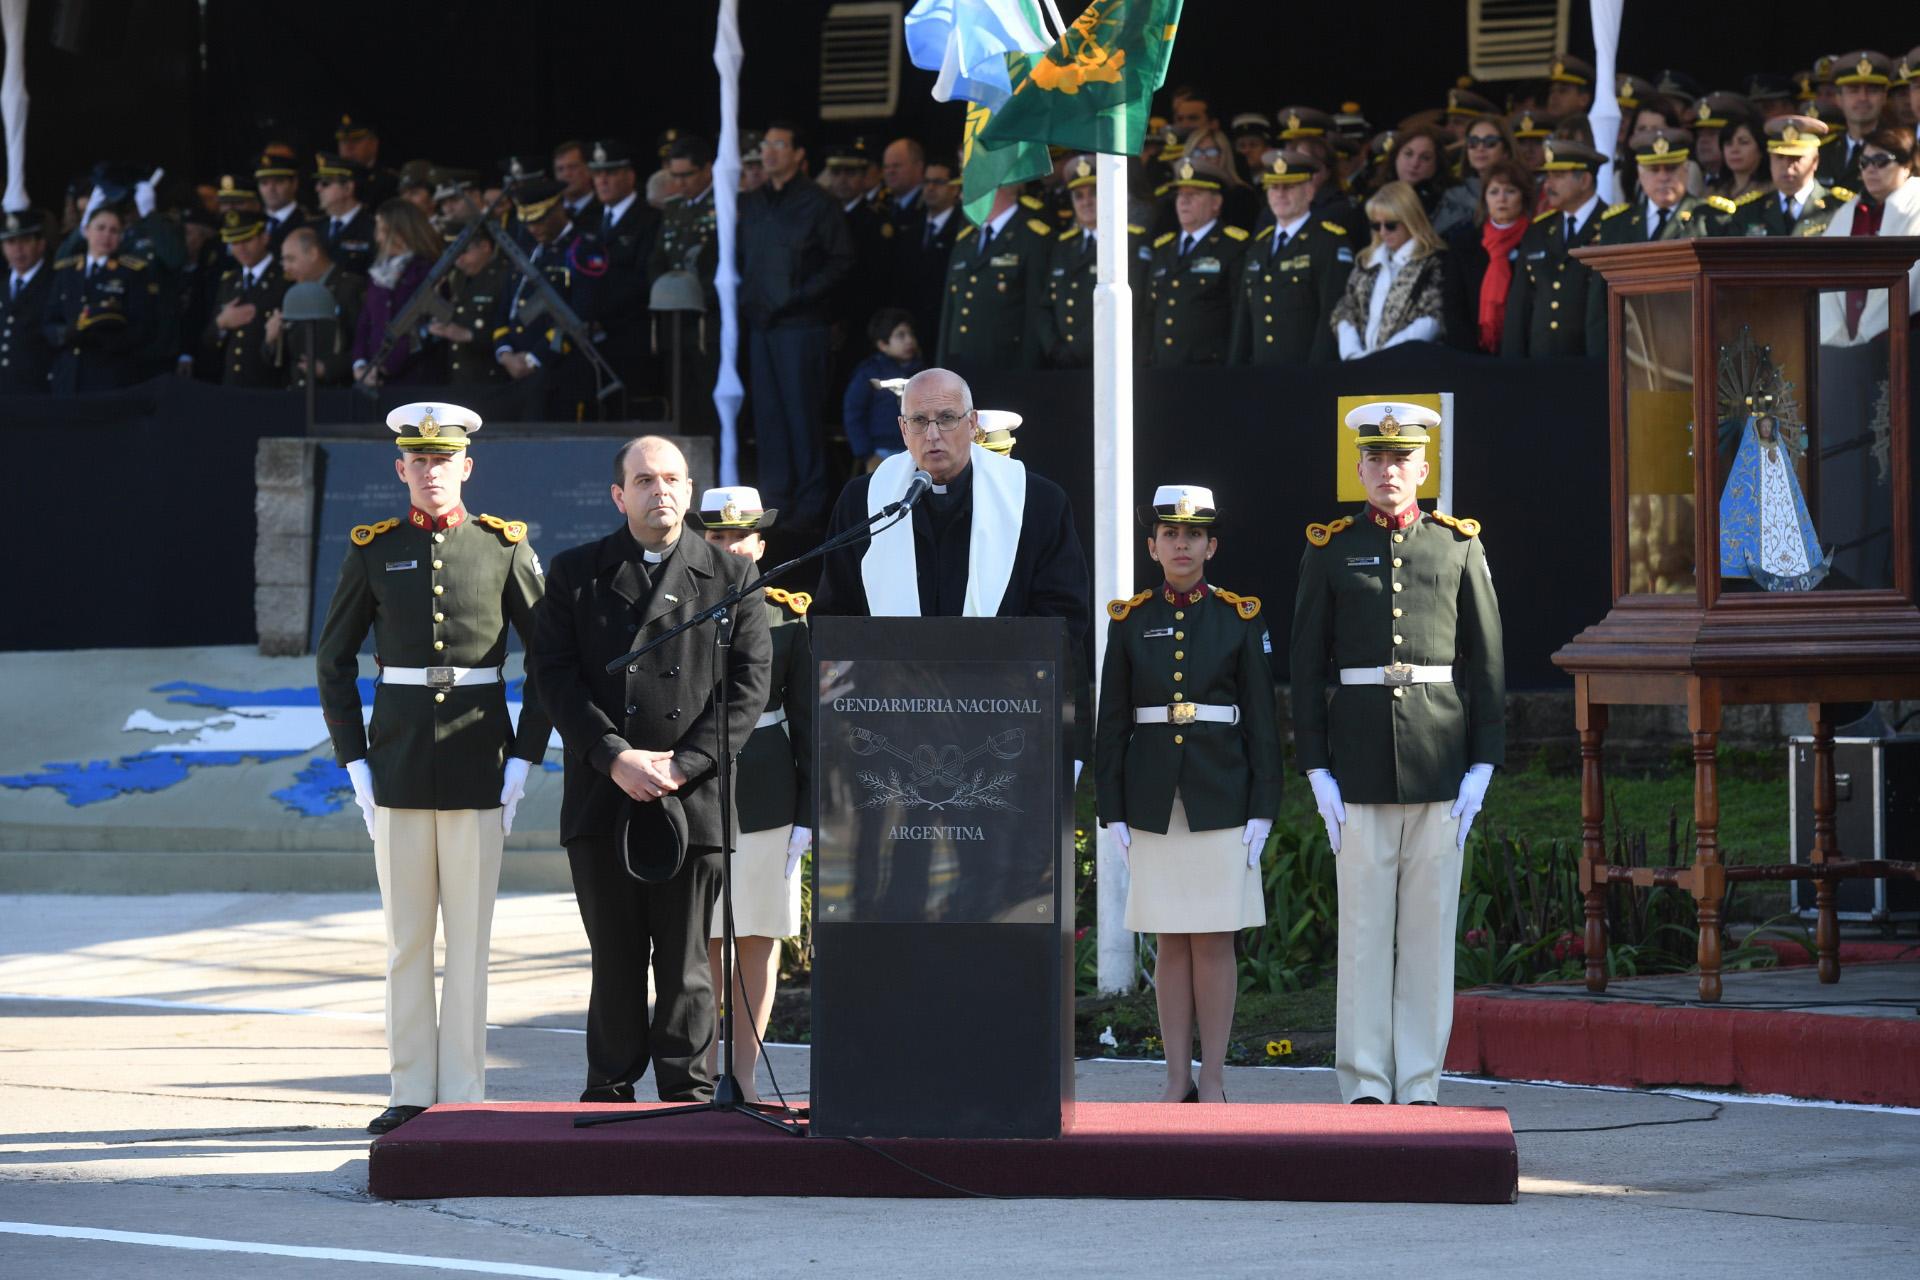 El obispo castrense de Argentina, Santiago Olivera, realizó una invocación religiosa